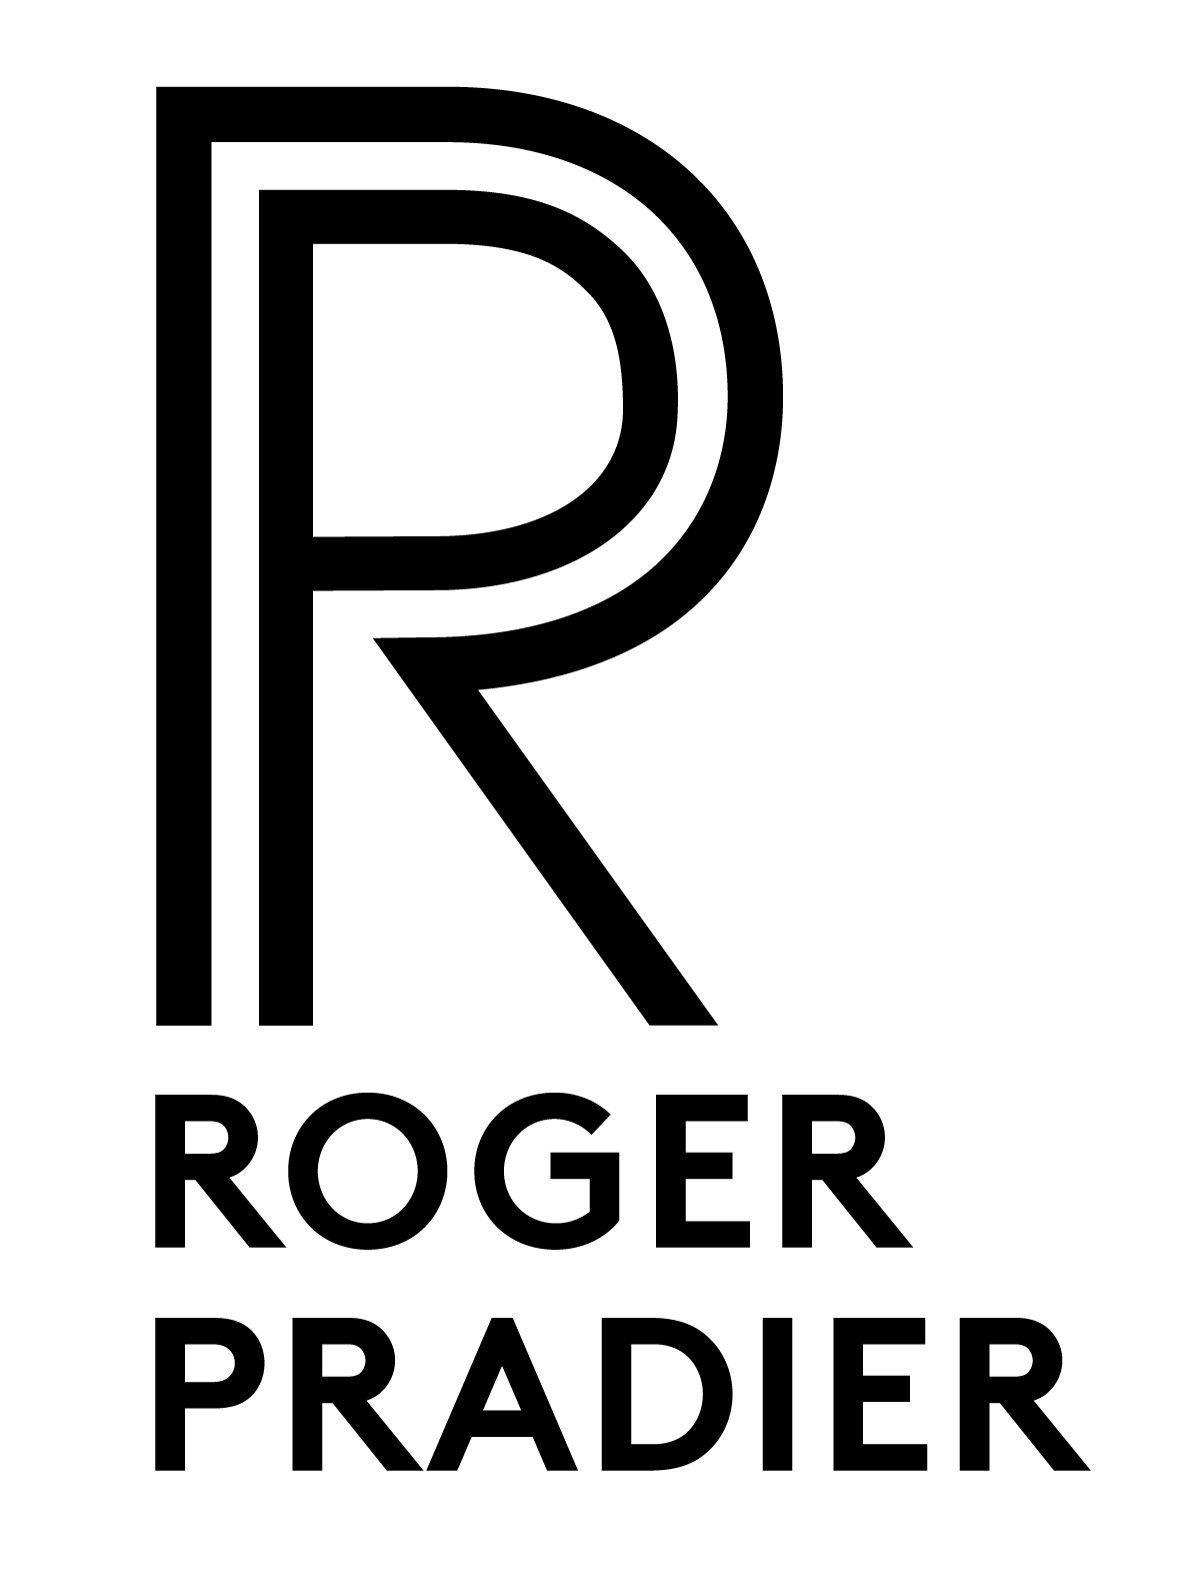 Logo Roger Pradier, fabricant de luminaire d'extérieur depuis plus de 100 ans, dessiné par Ich&Kar